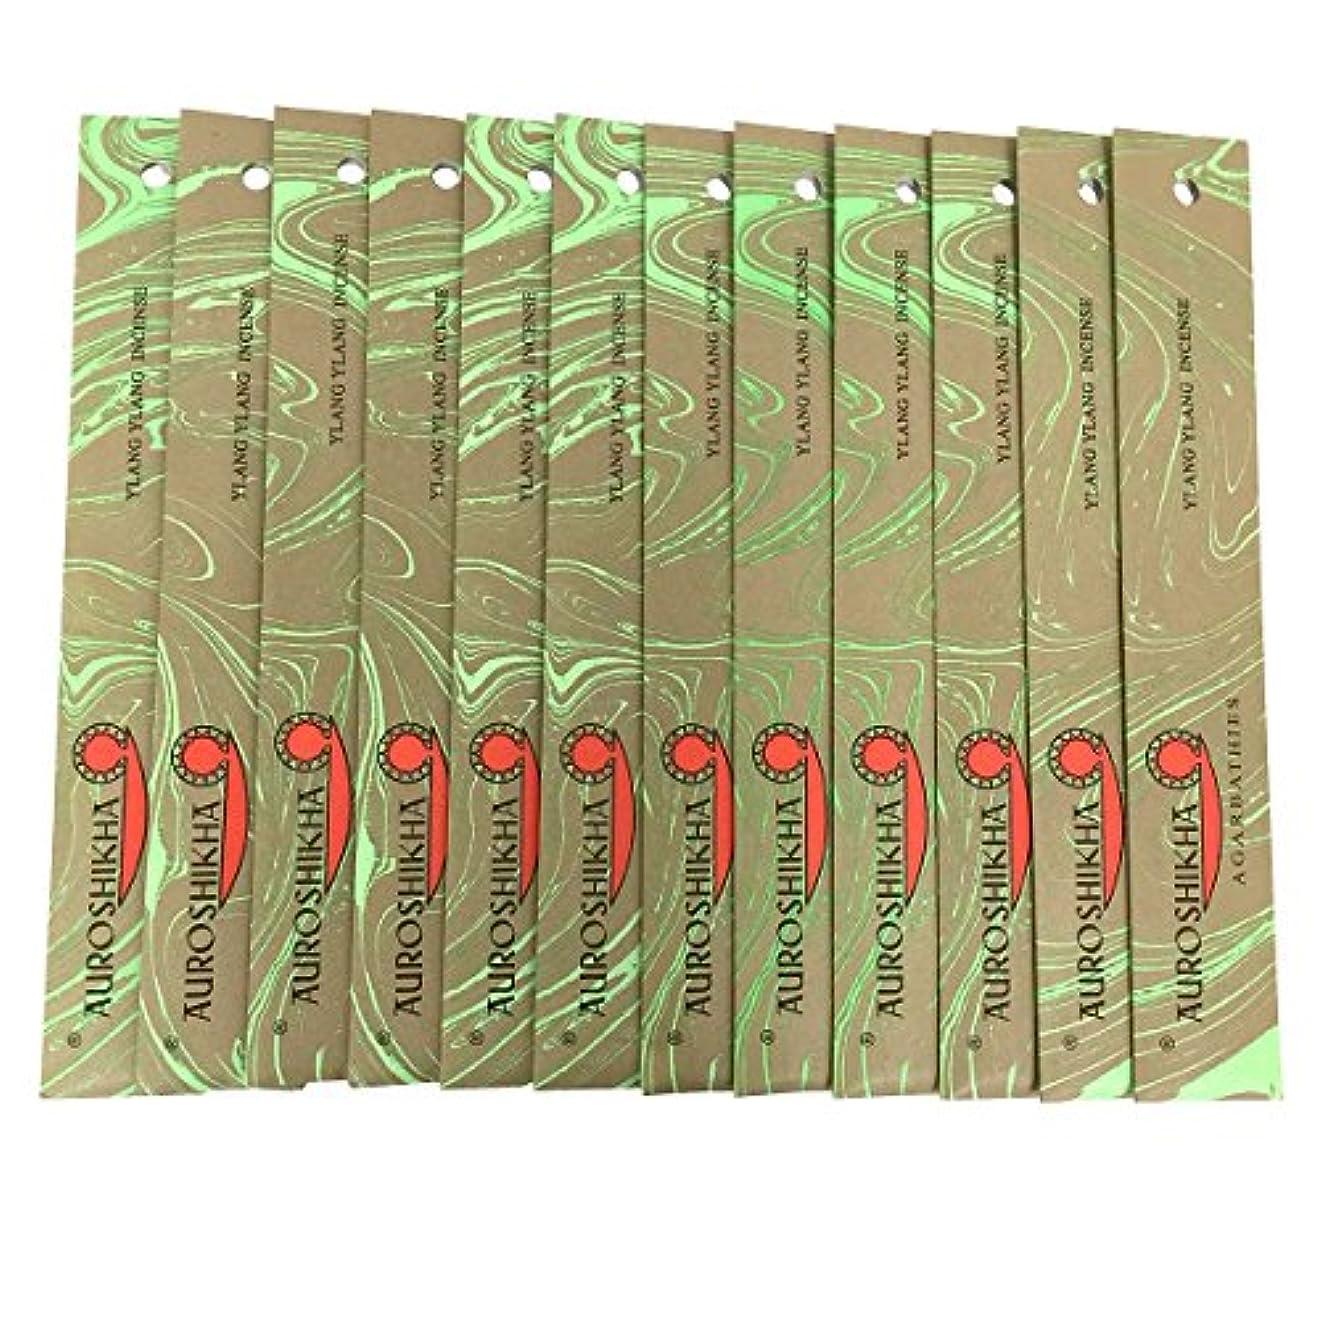 擁する攻撃的世紀AUROSHIKHA オウロシカ(YLANG YLANGイランイラン12個セット) マーブルパッケージスティック 送料無料